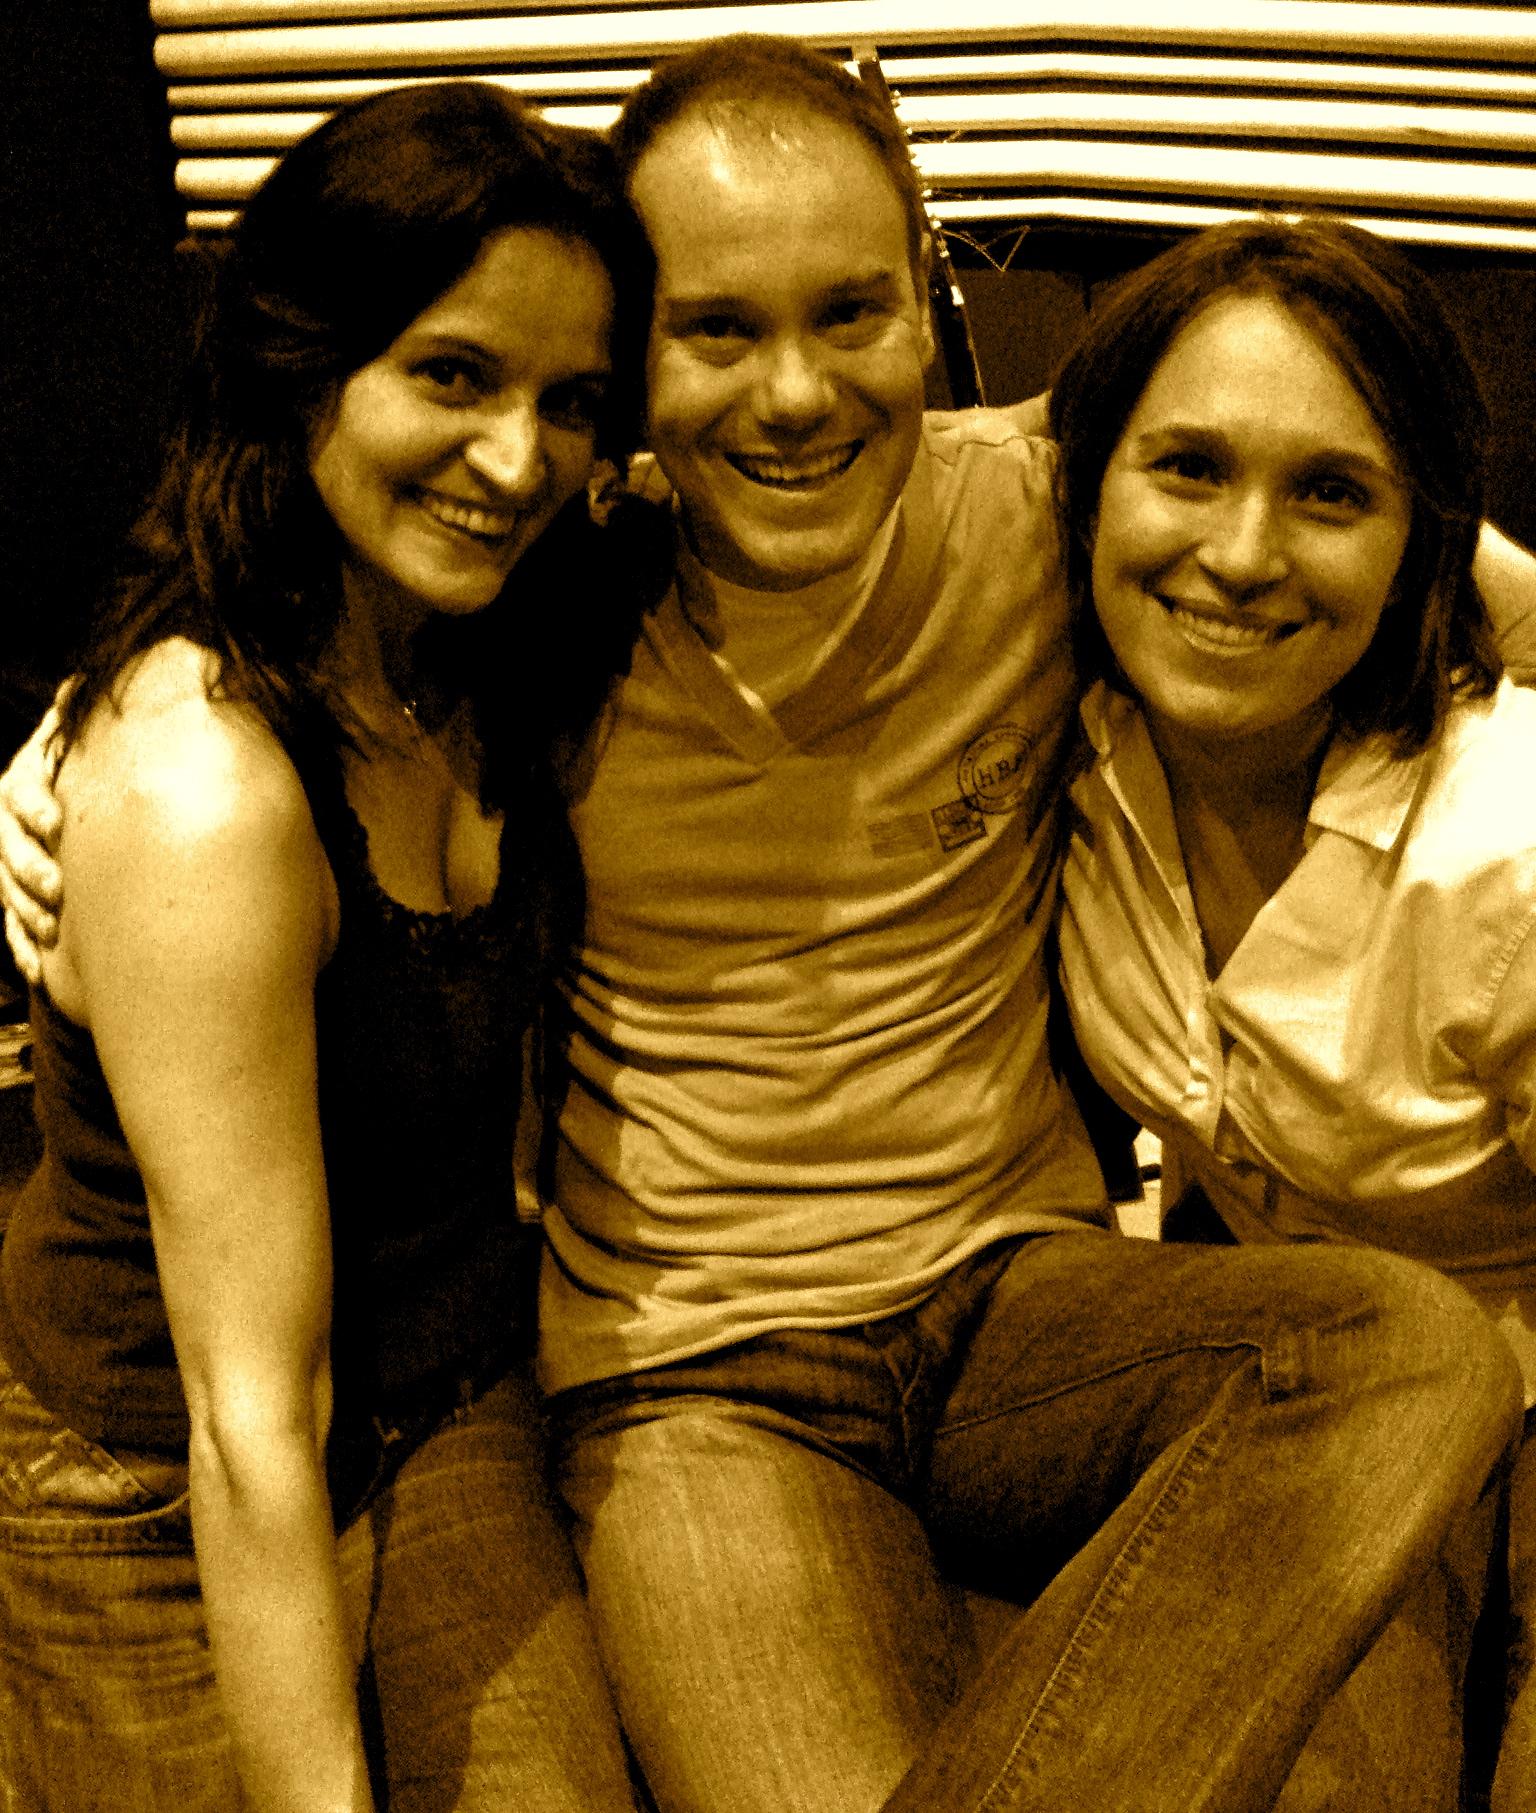 Na produtora Lua Nova com Marisa Silveira e Lucila Novaes